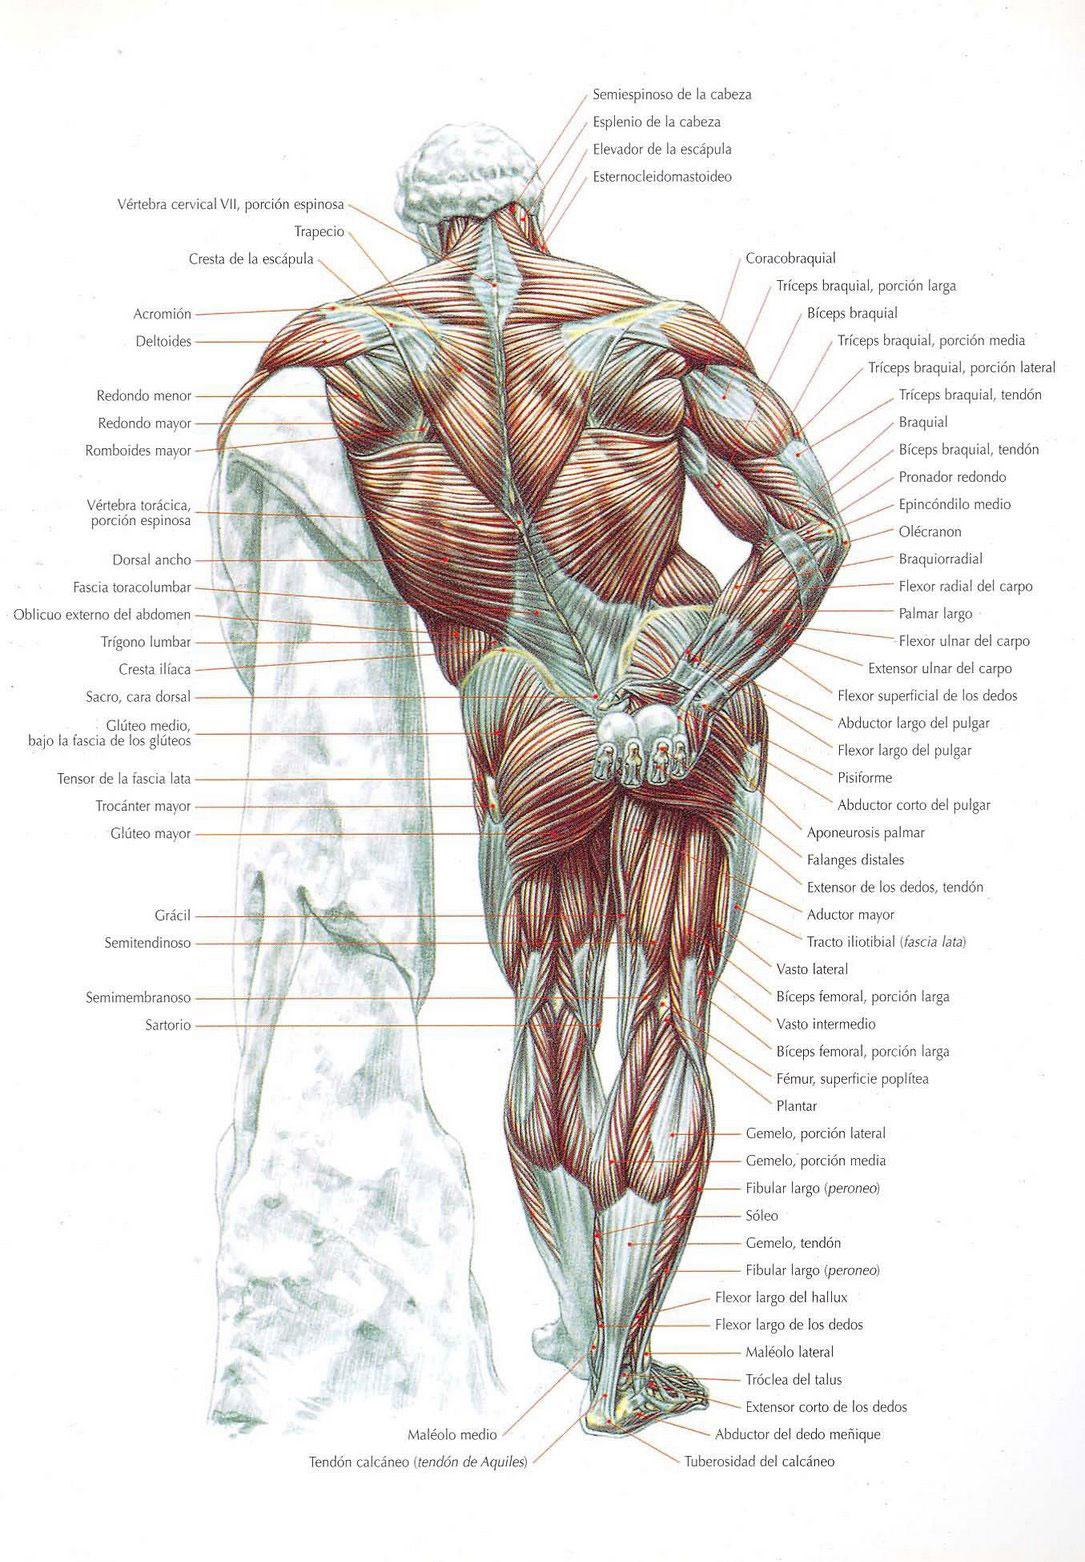 Músculos del Cuerpo Humano - Grupos, Tipos y Funciones.